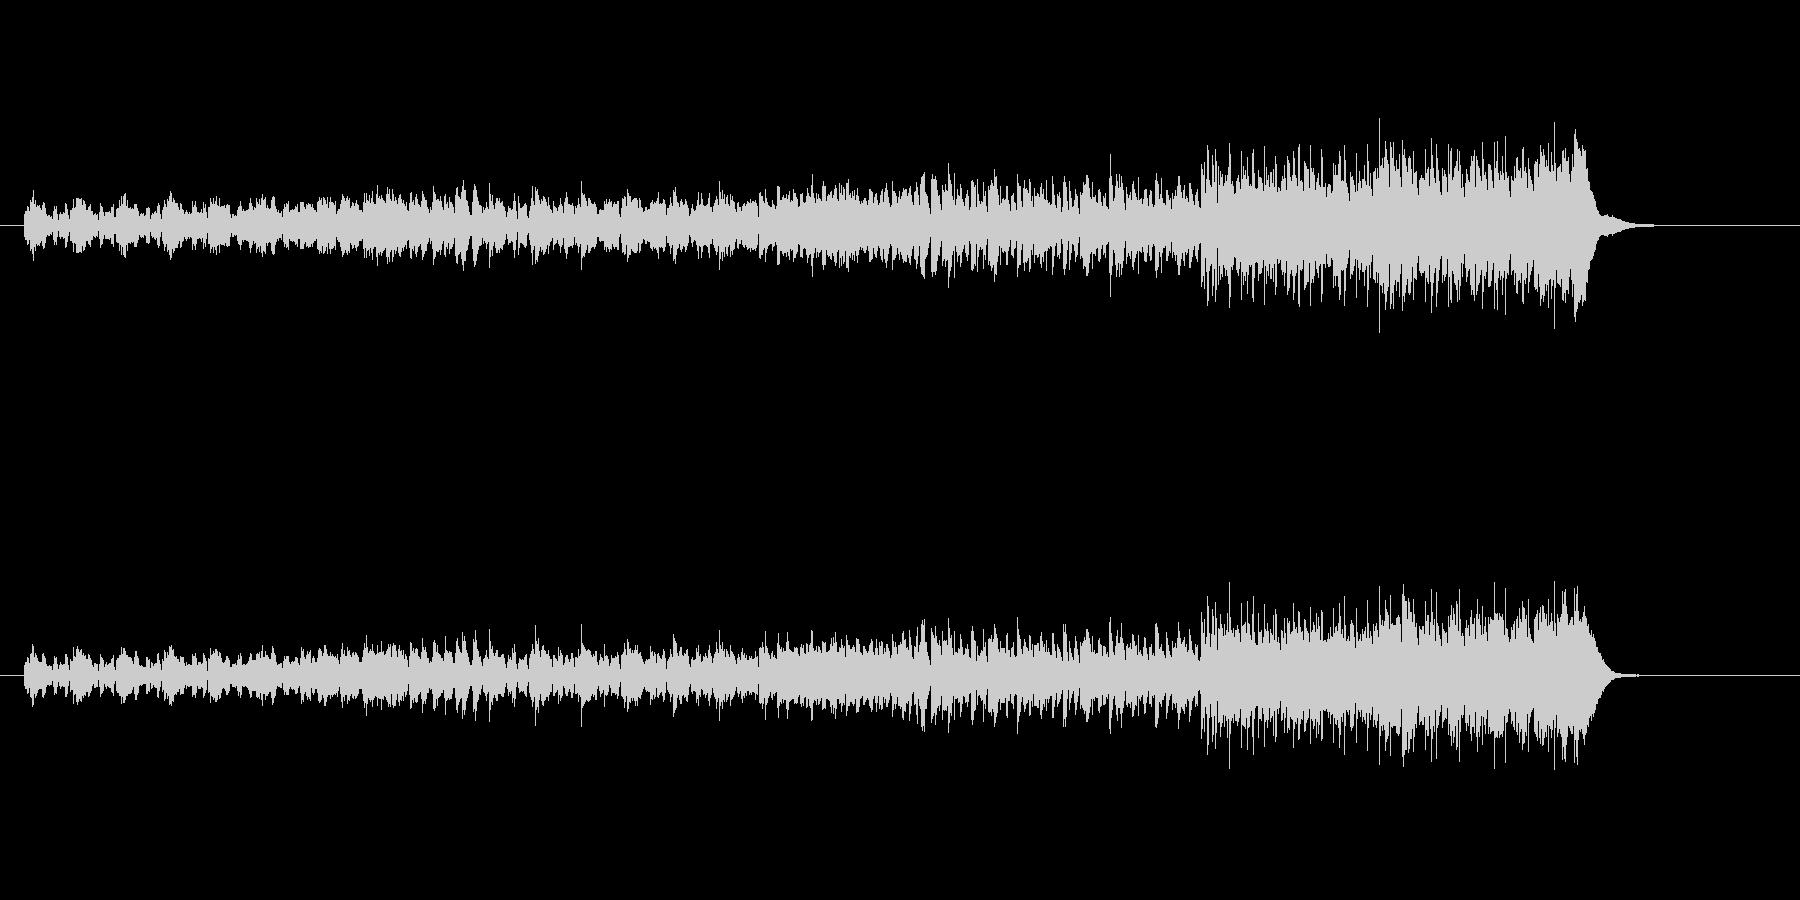 コミカルなエレクトリック・ポップスの未再生の波形